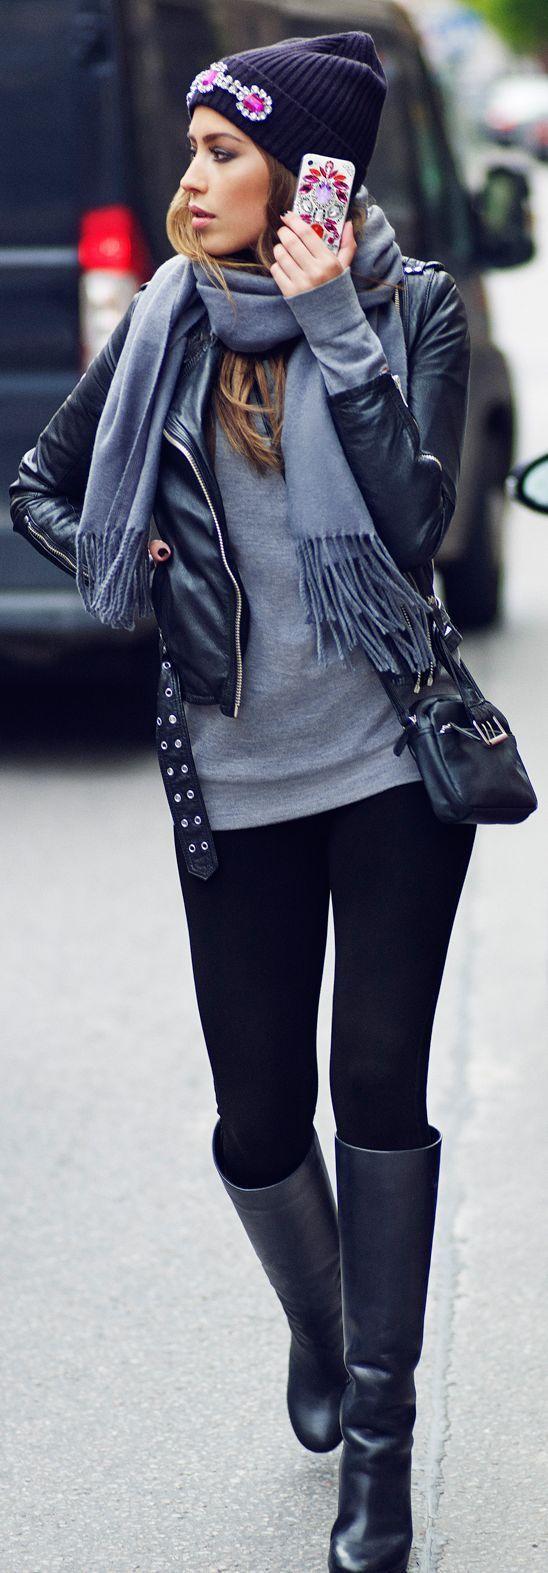 Acheter la tenue sur Lookastic:  https://lookastic.fr/mode-femme/tenues/veste-motard-t-shirt-a-manche-longue-leggings-bottes-hauteur-genou-sac-bandouliere-bonnet-echarpe/7616  — Bonnet orné noir  — Écharpe grise  — T-shirt à manche longue gris  — Sac bandoulière en cuir noir  — Leggings noirs  — Bottes hauteur genou en cuir noires  — Veste motard en cuir noire